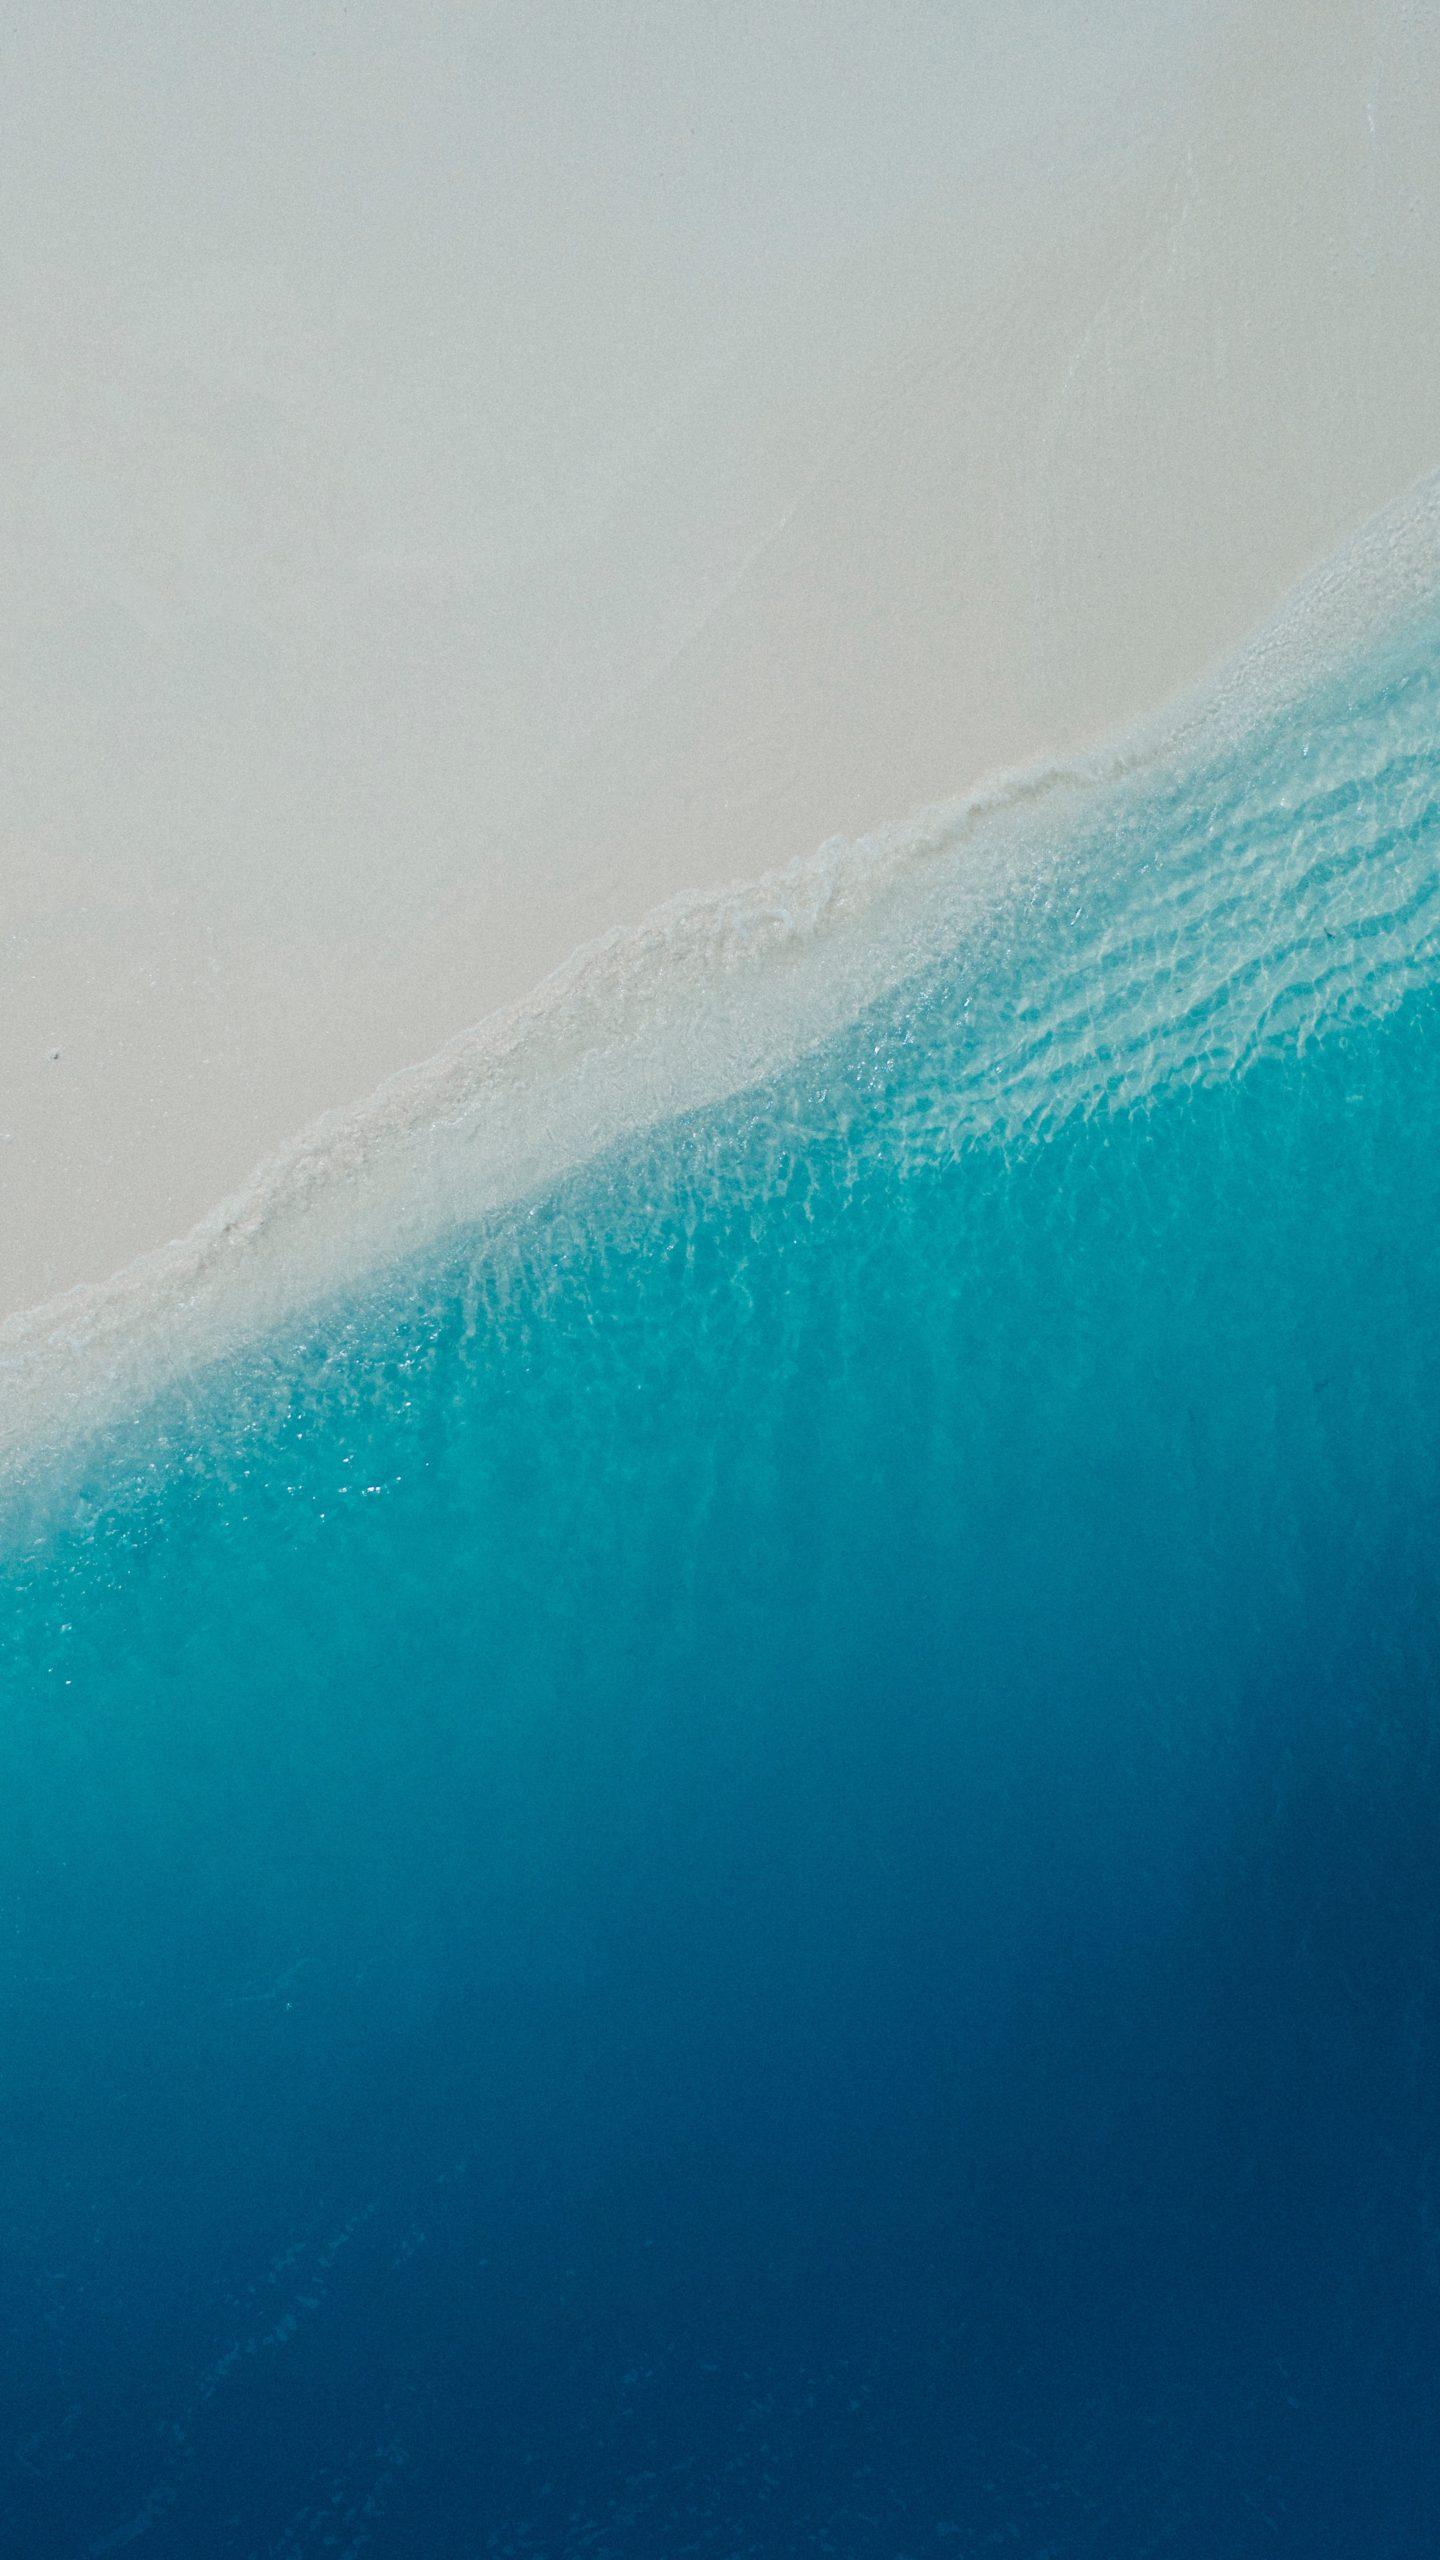 Океанское побережье побережье пляж песок океан море вода берег